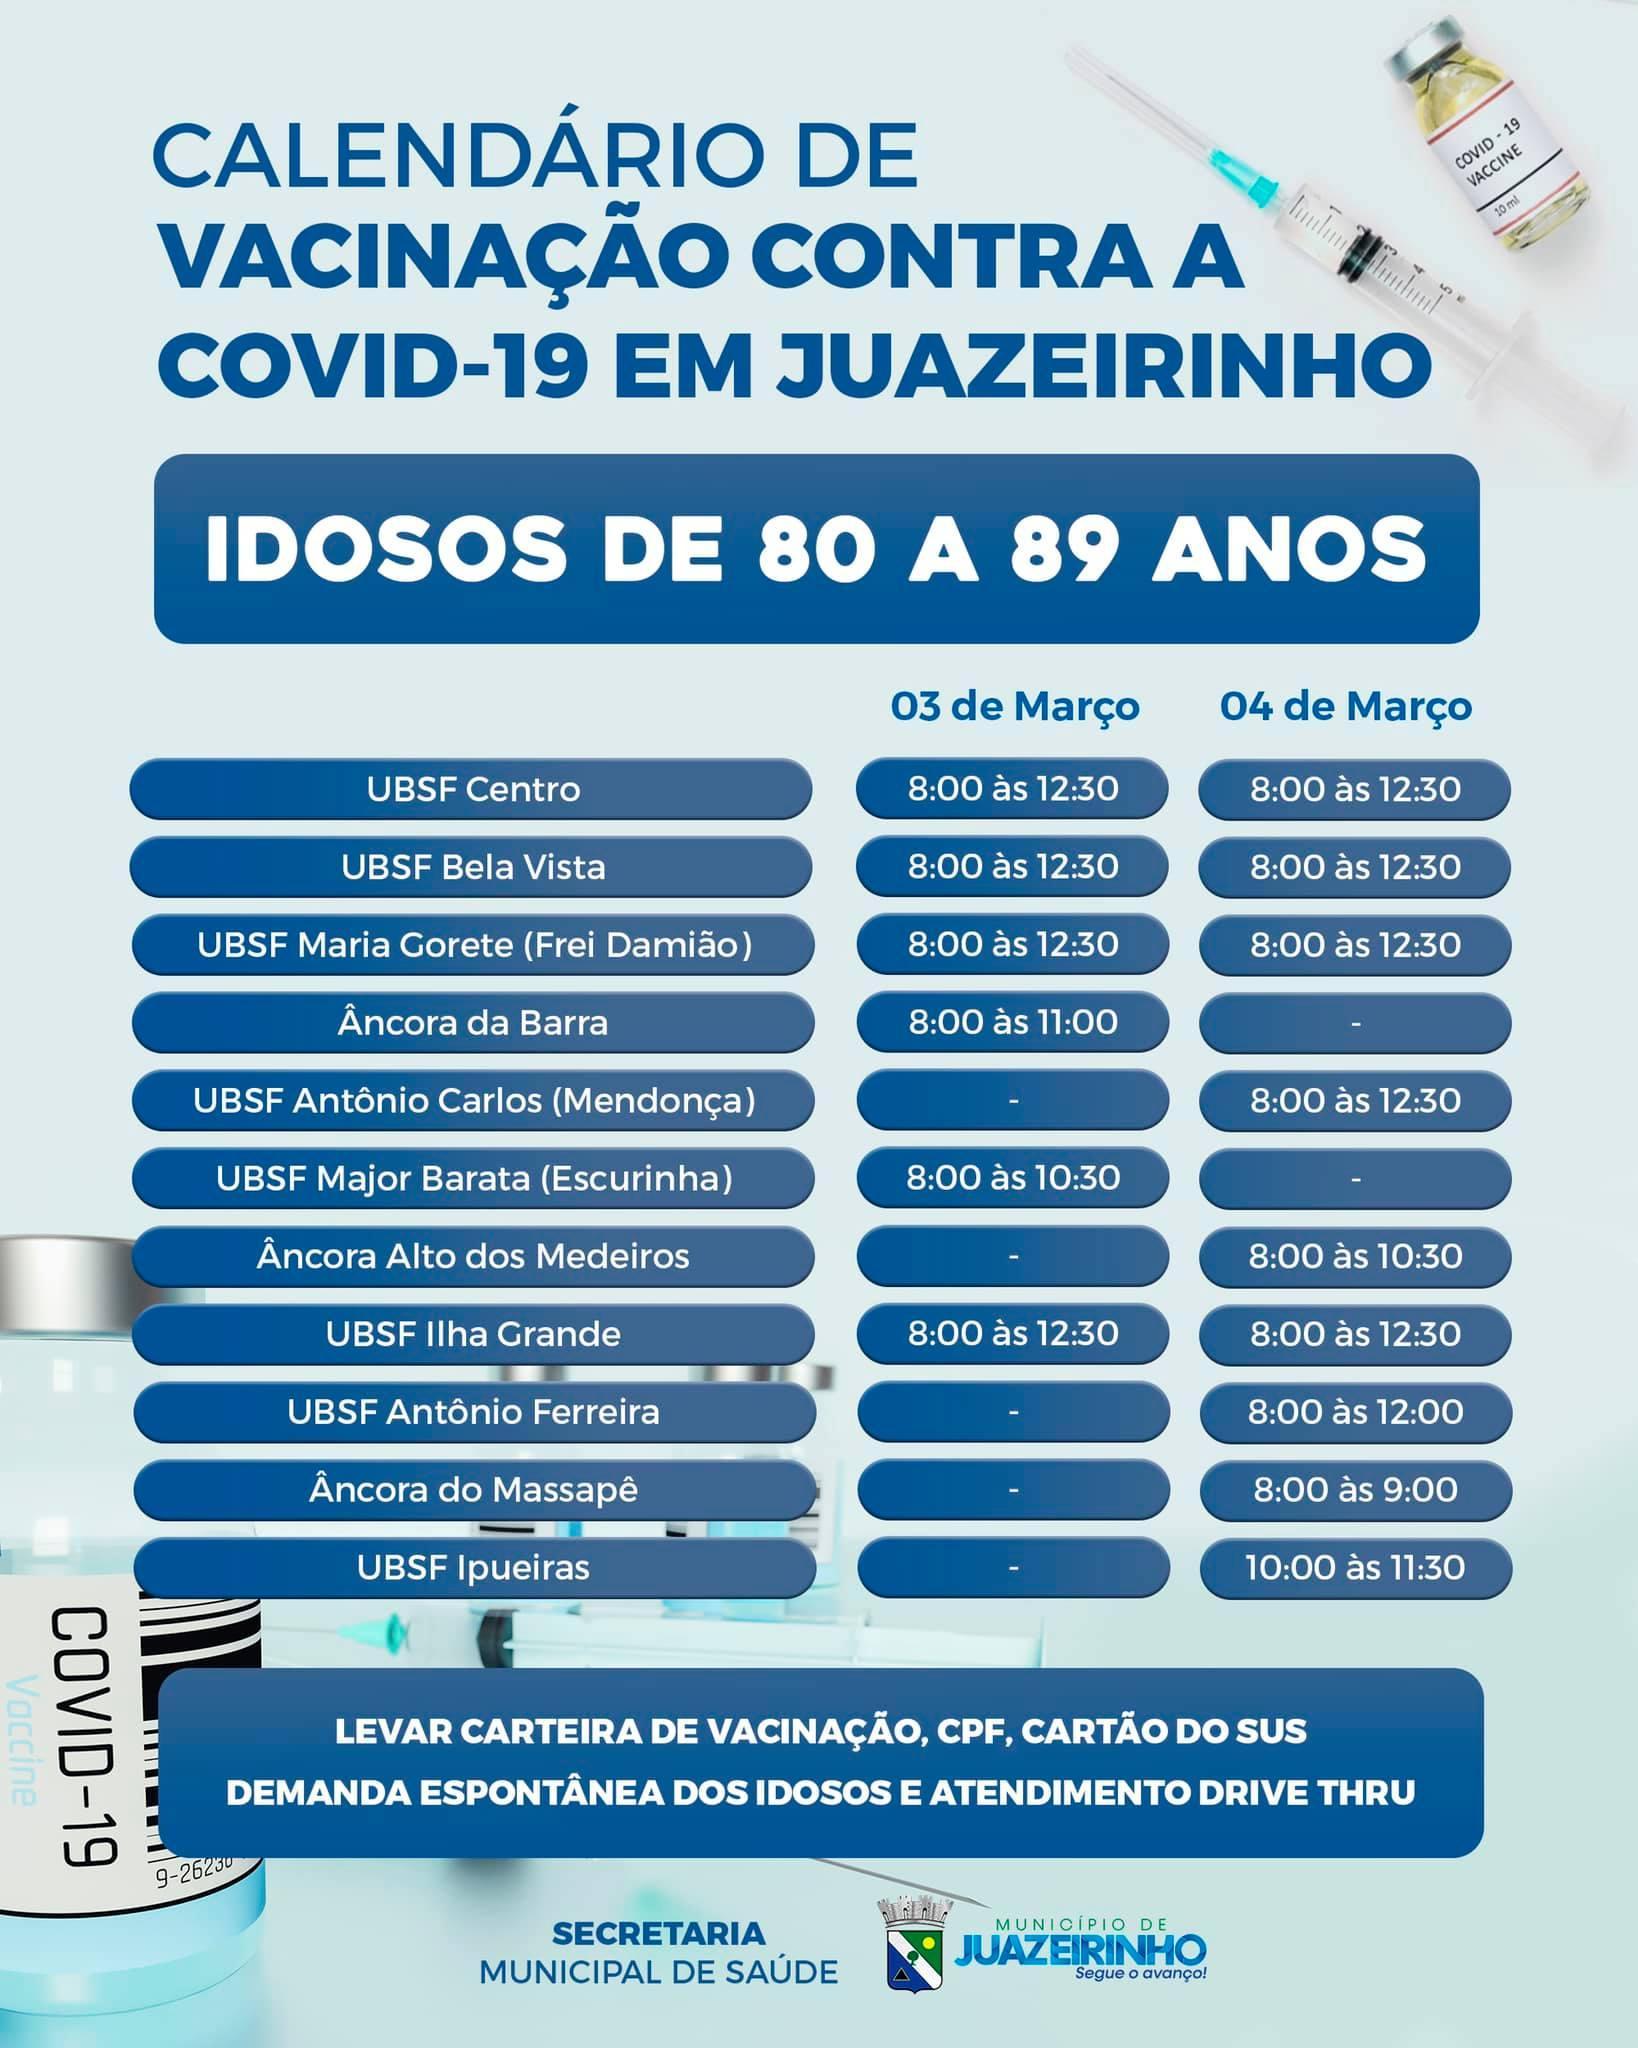 Calendário de Vacinação contra a COVID-19